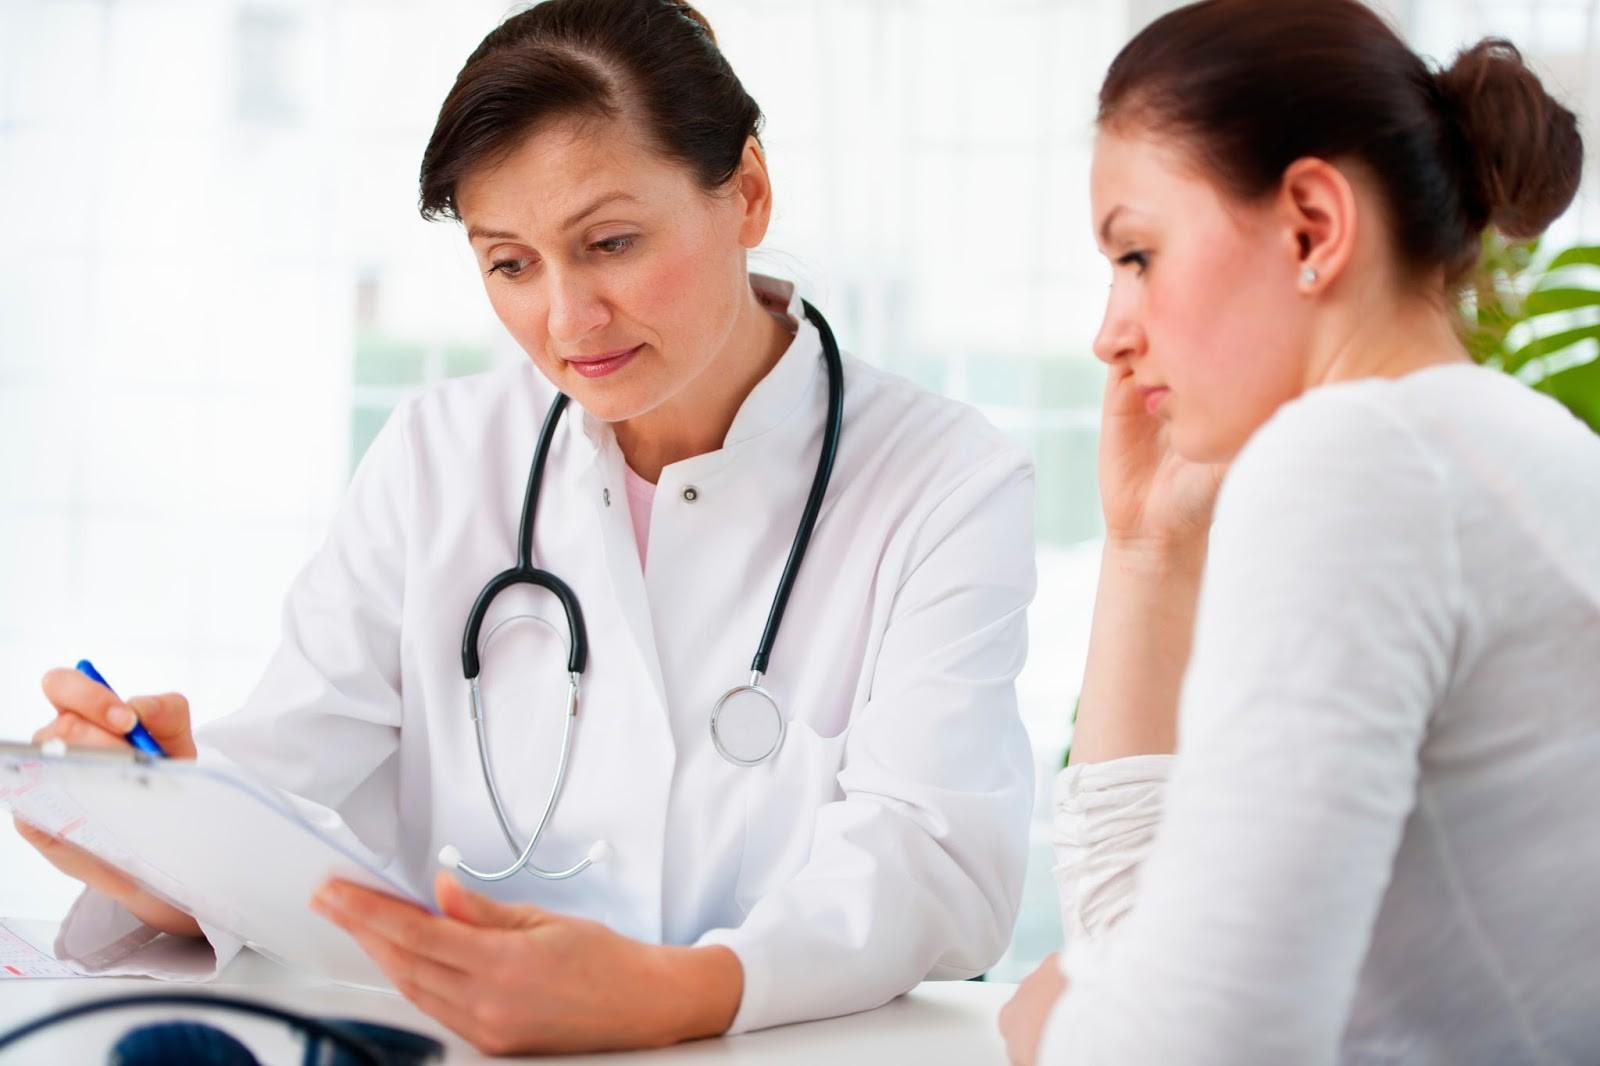 Bệnh hậu sản là gì? Nguy hại như thế nào?